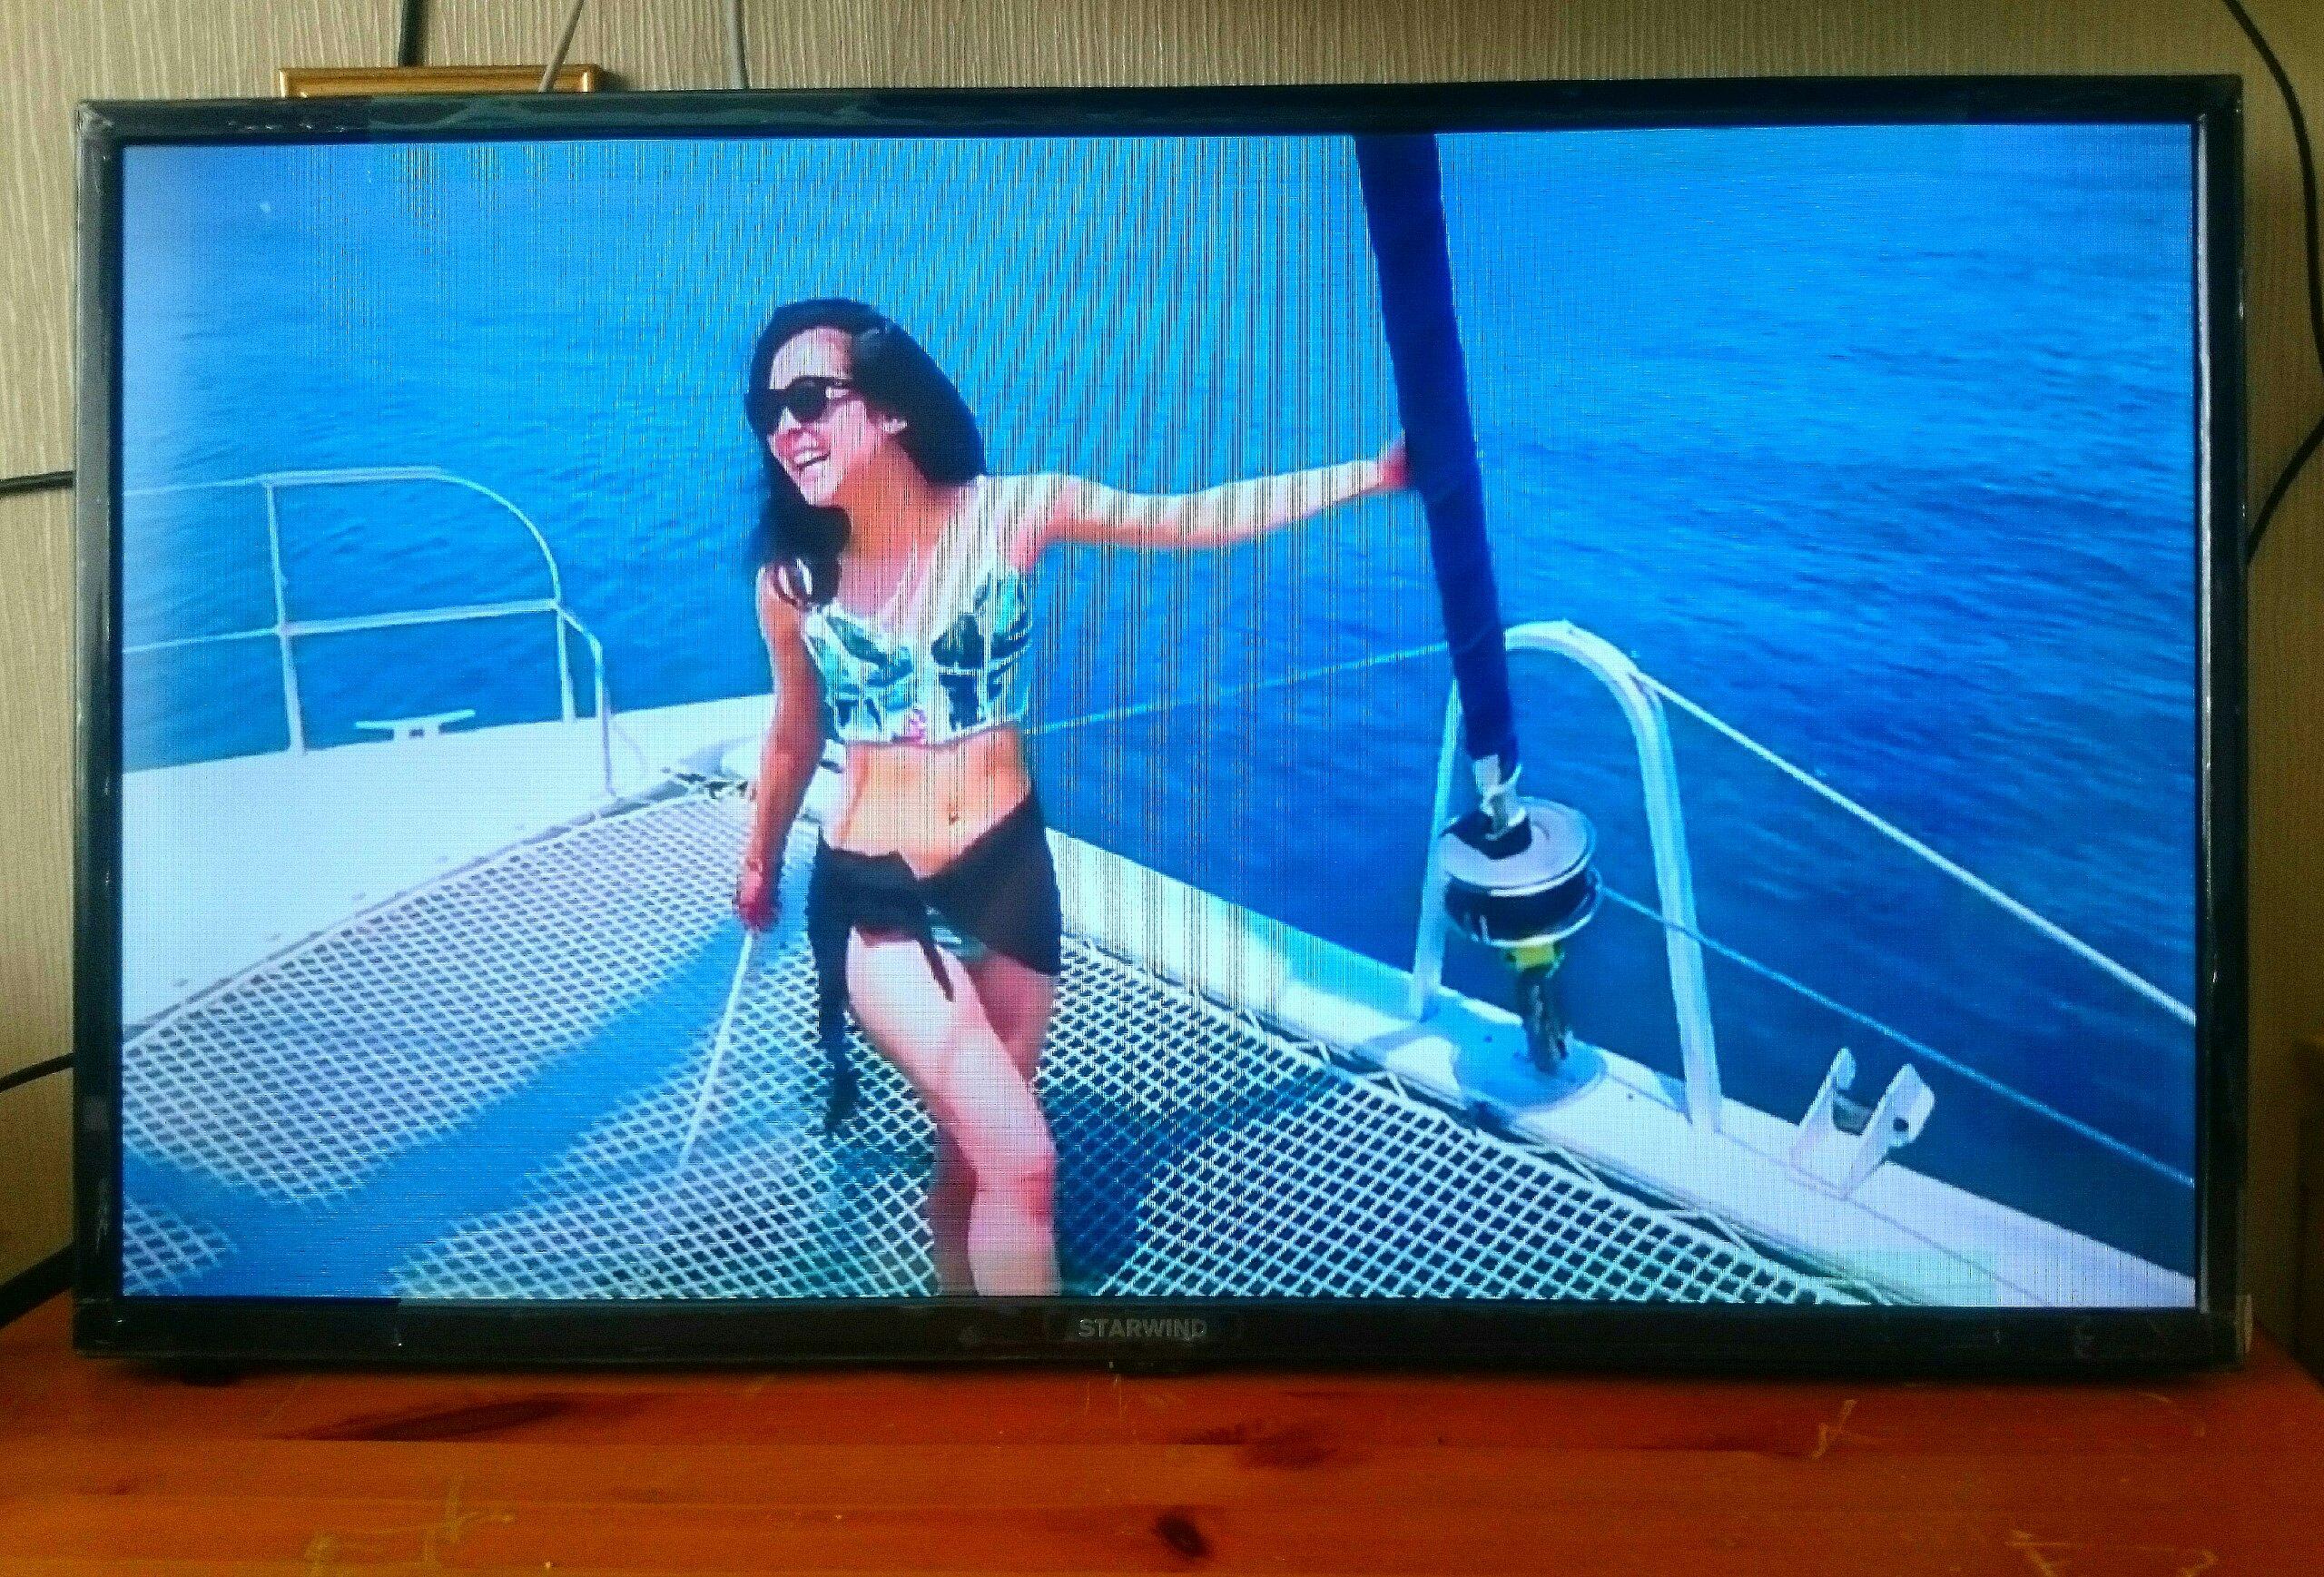 Продаю телевизор ЖК диагональ 80 см, хорошие картинка, яркость, цвет, и звук, 7000₽, есть ножки и настенный кронштейн за 500₽.